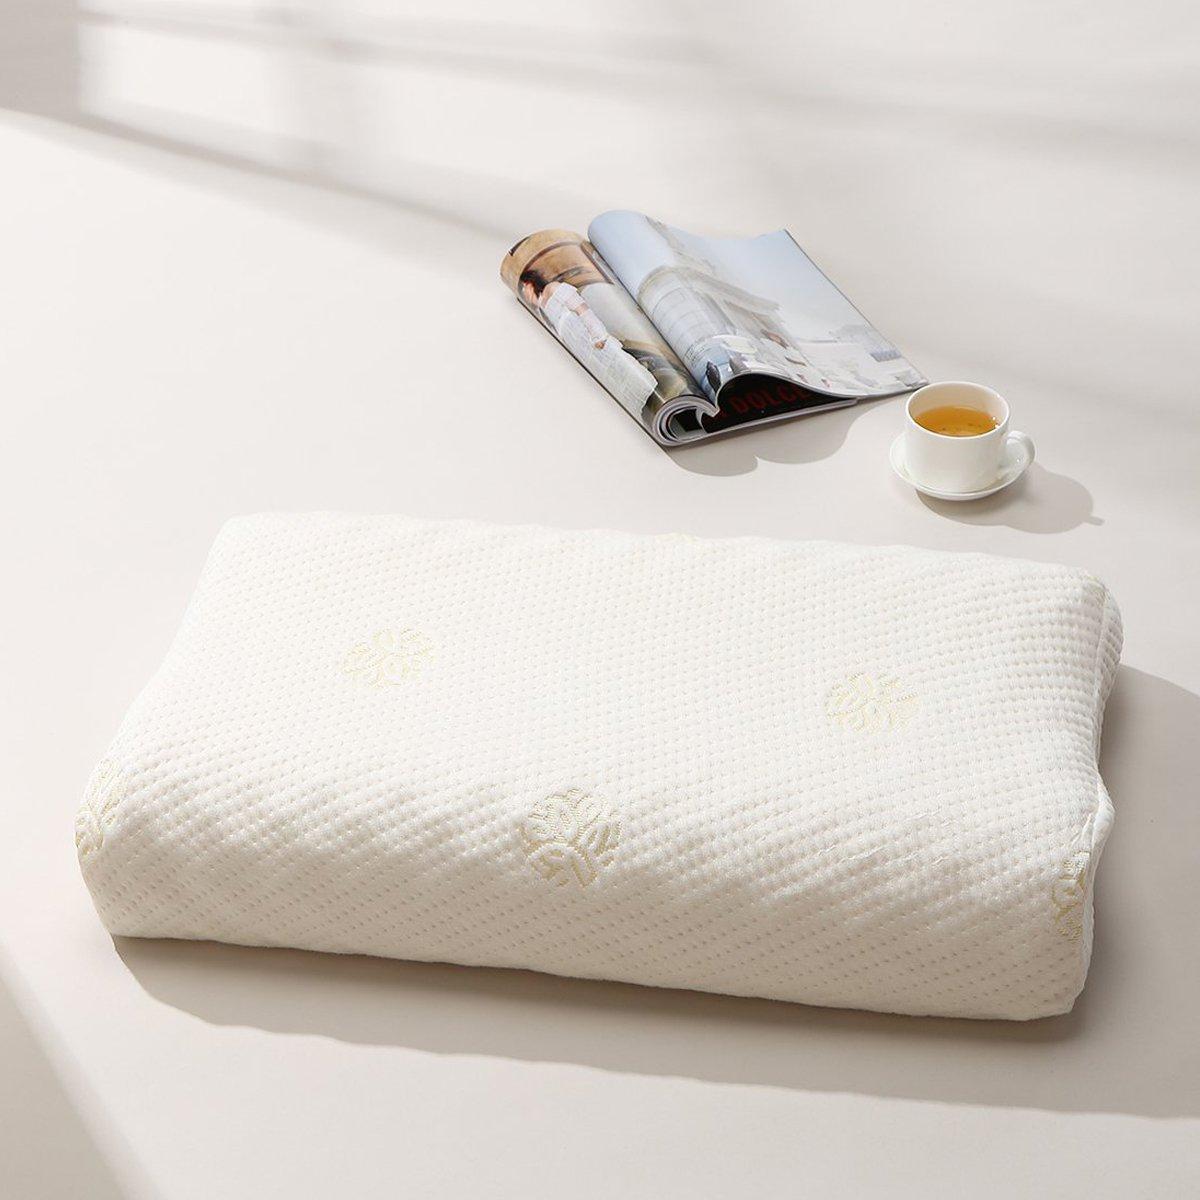 泰国乳胶枕_tatex泰国进口天然乳胶按摩枕枕头乳胶枕8856153582888_唯品会